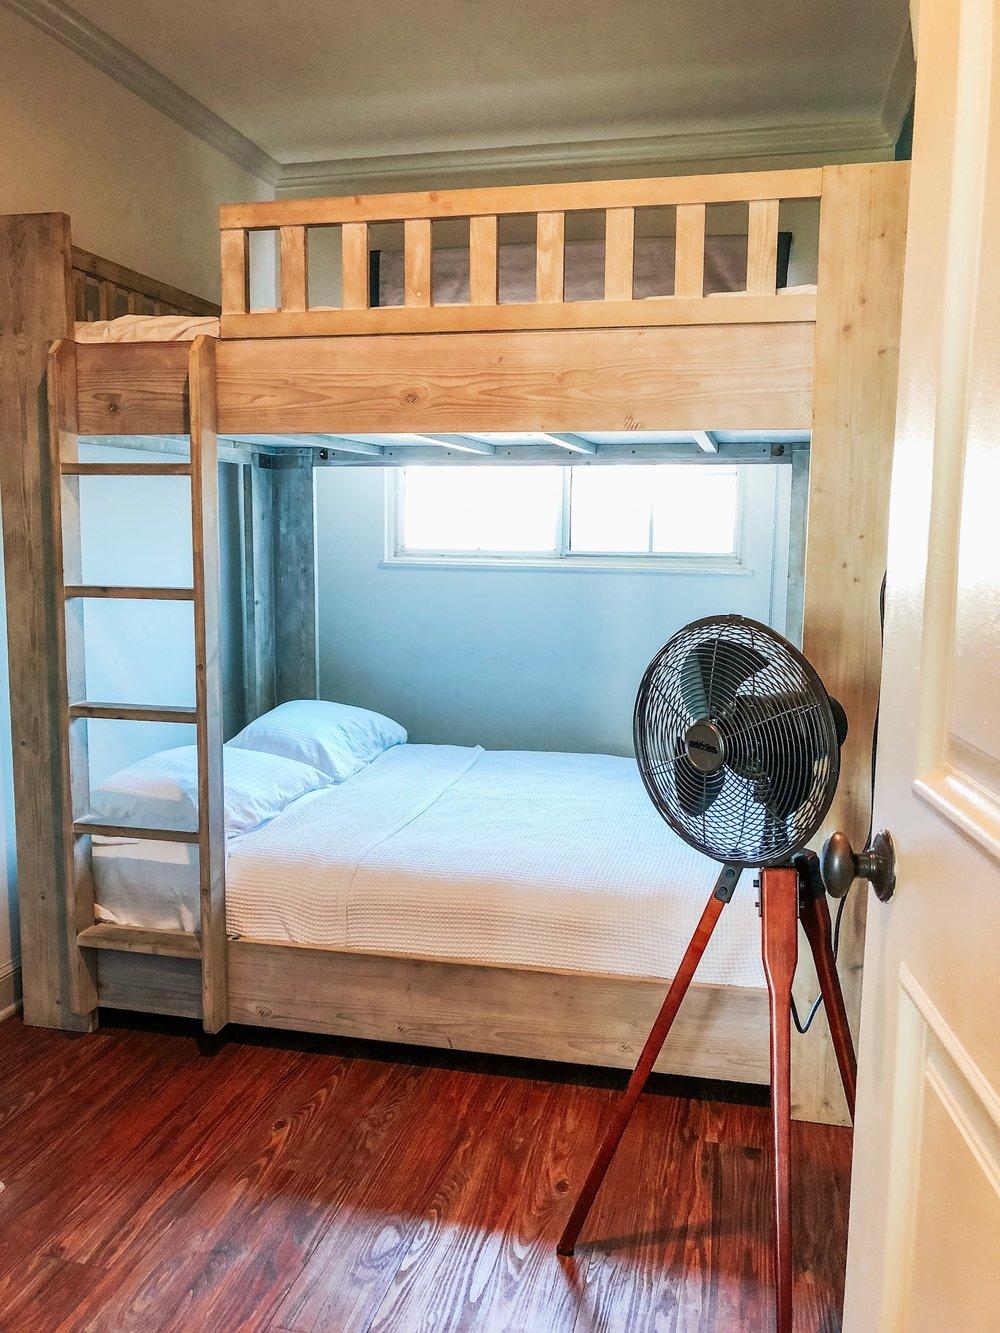 bunk beds Hotel Milo Santa Barbara